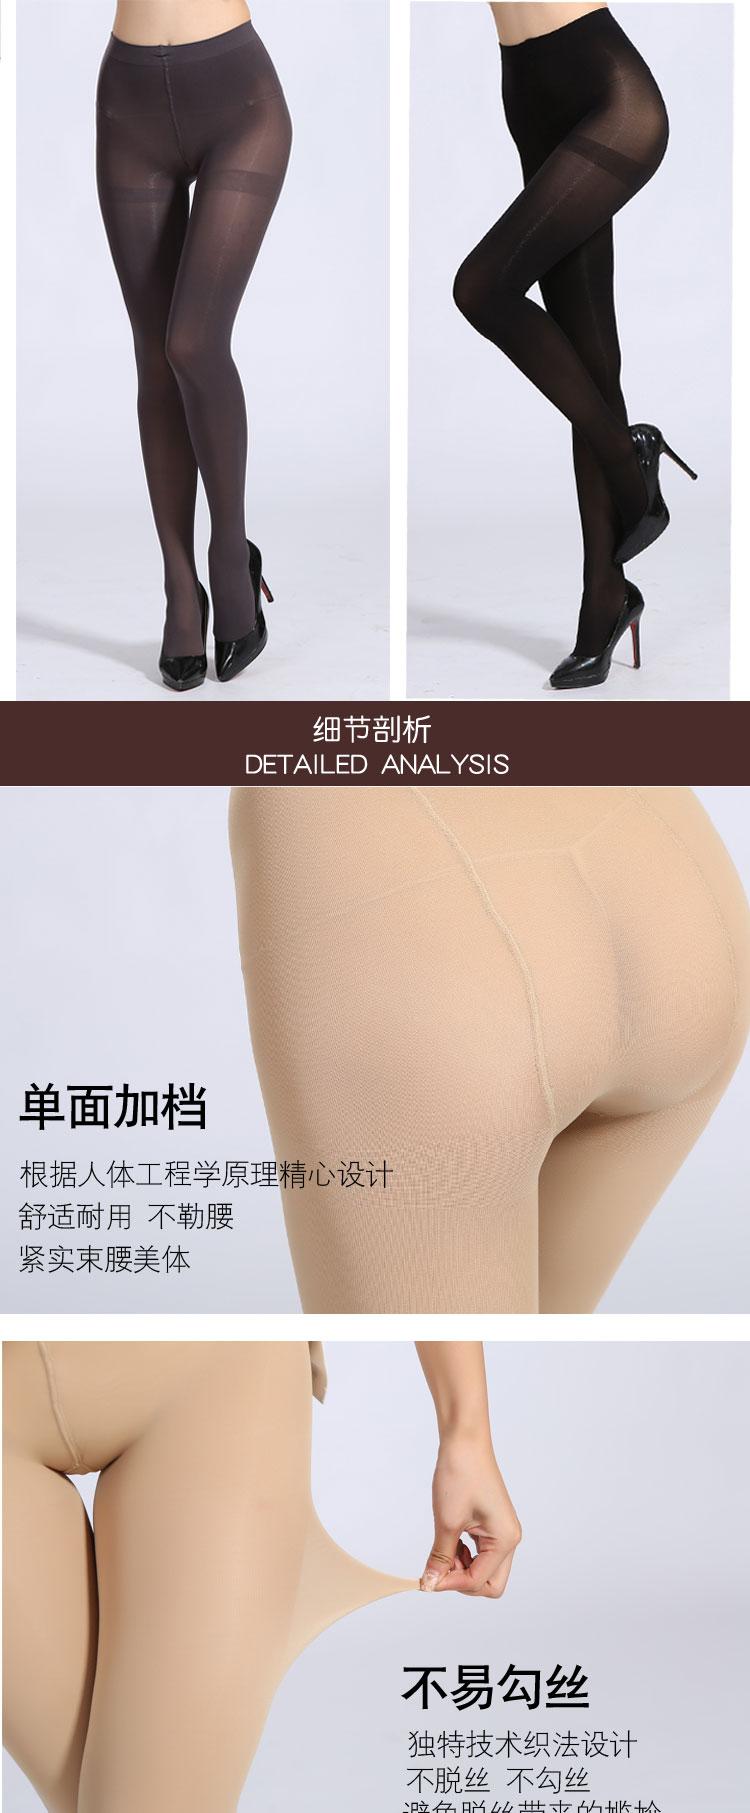 3条装浪莎丝袜防勾丝连裤袜春秋款中厚美腿打底袜薄款肉色瘦腿袜子女多少钱